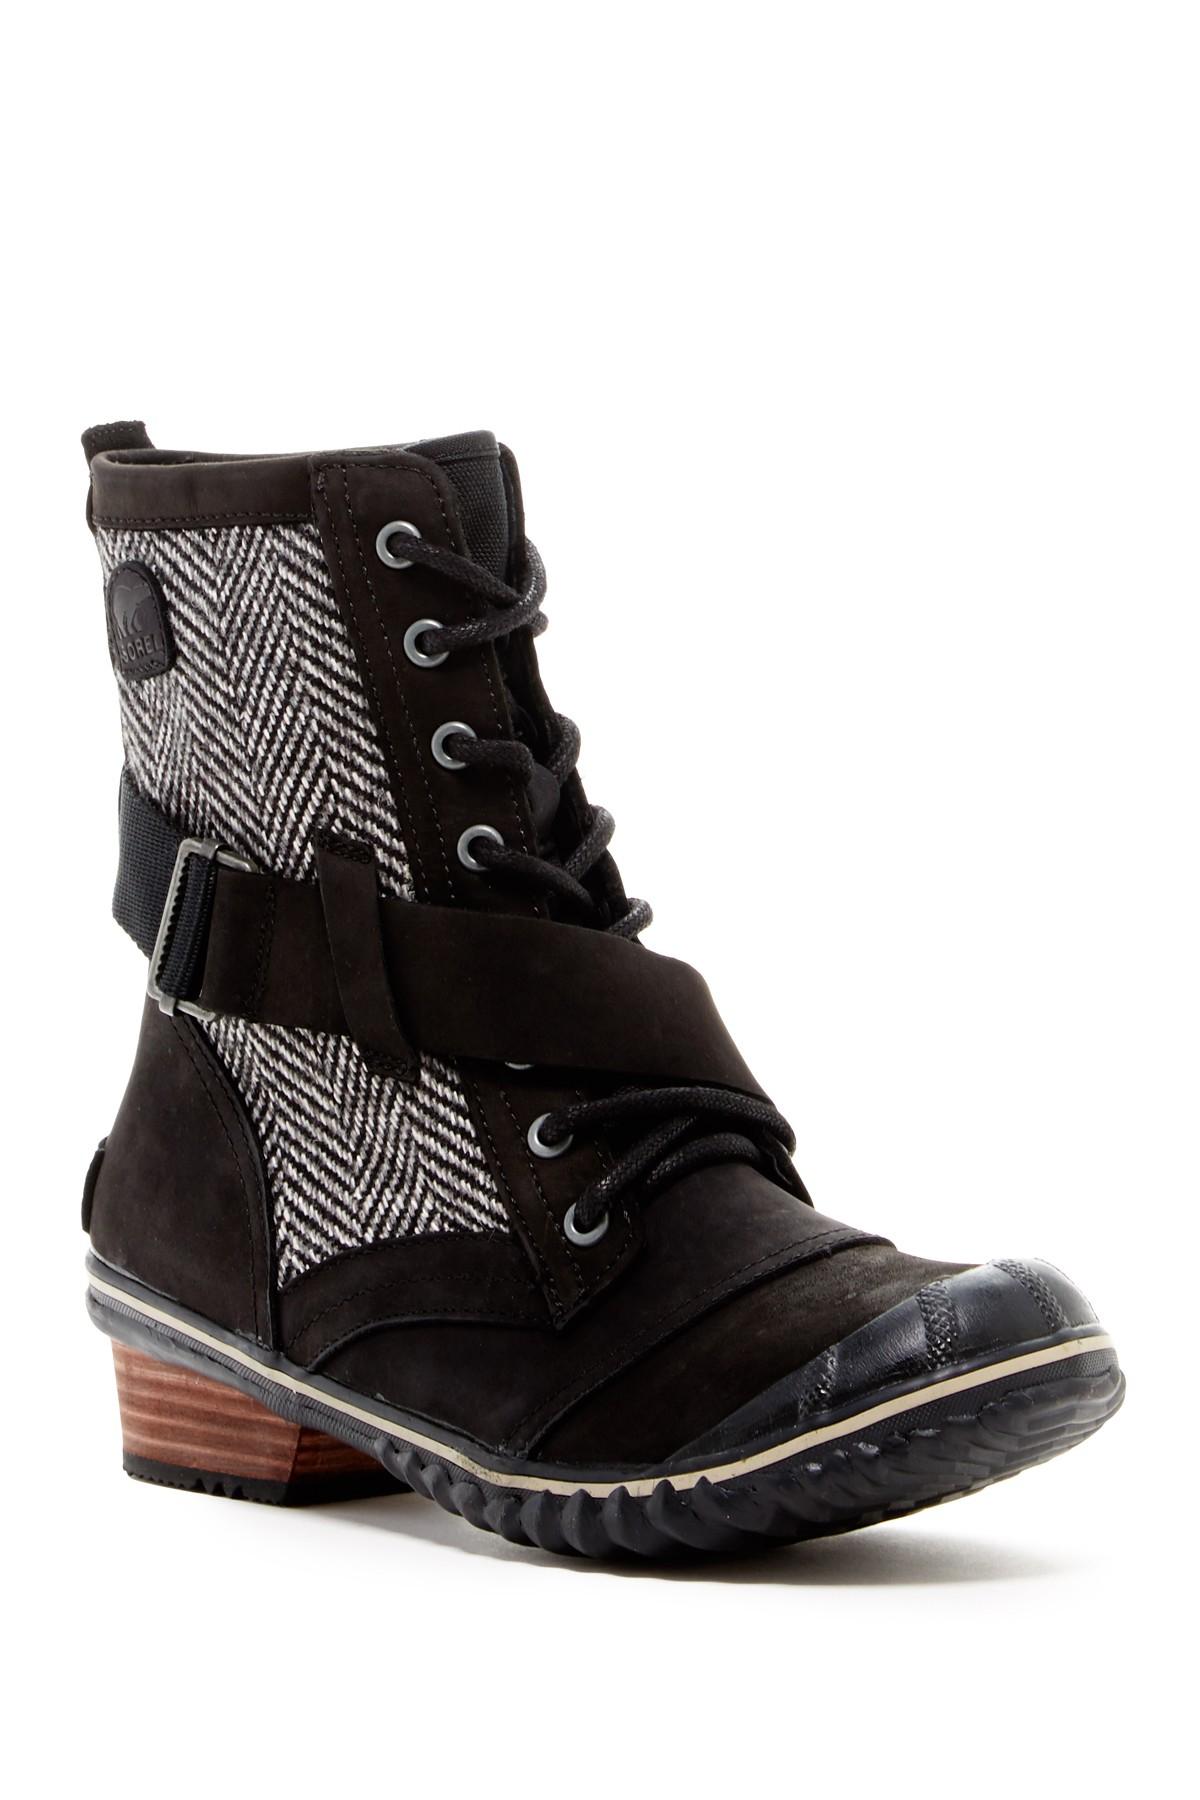 Sorel Slimboot Lace Up Waterproof Boot Women In Black Lyst